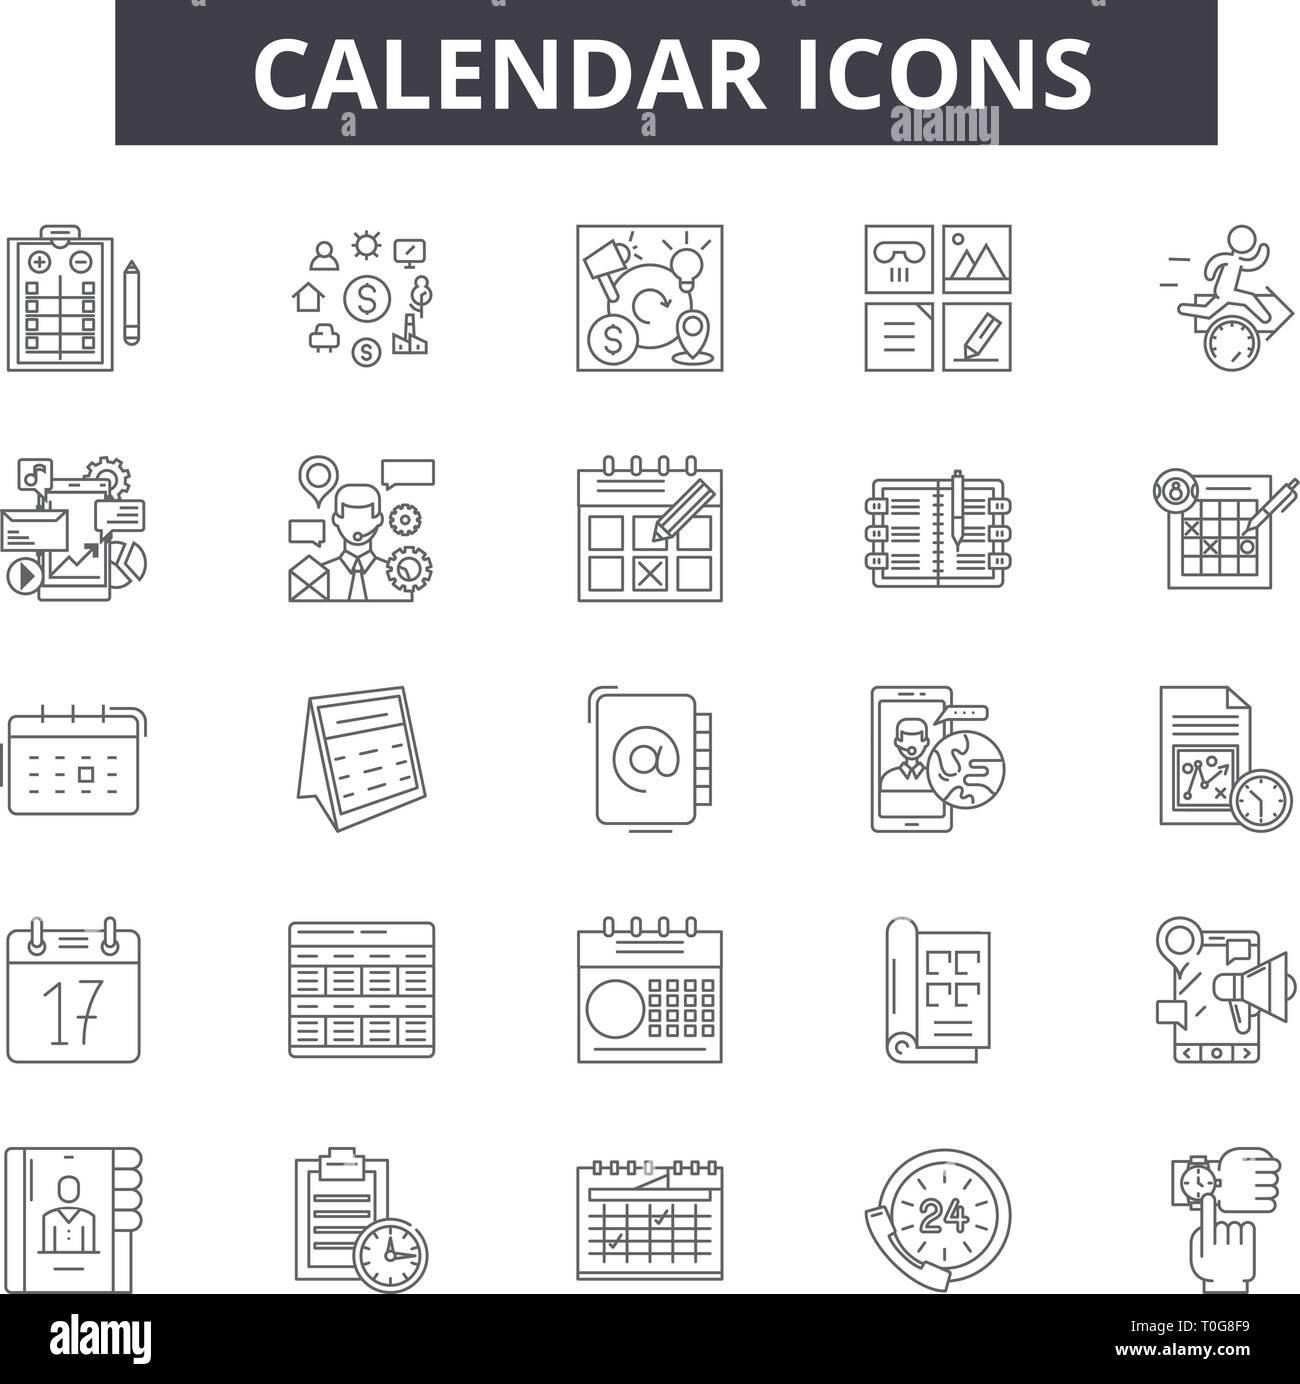 Calendario Segni.Linea Di Calendario Le Icone Per Il Web E I Dispositivi